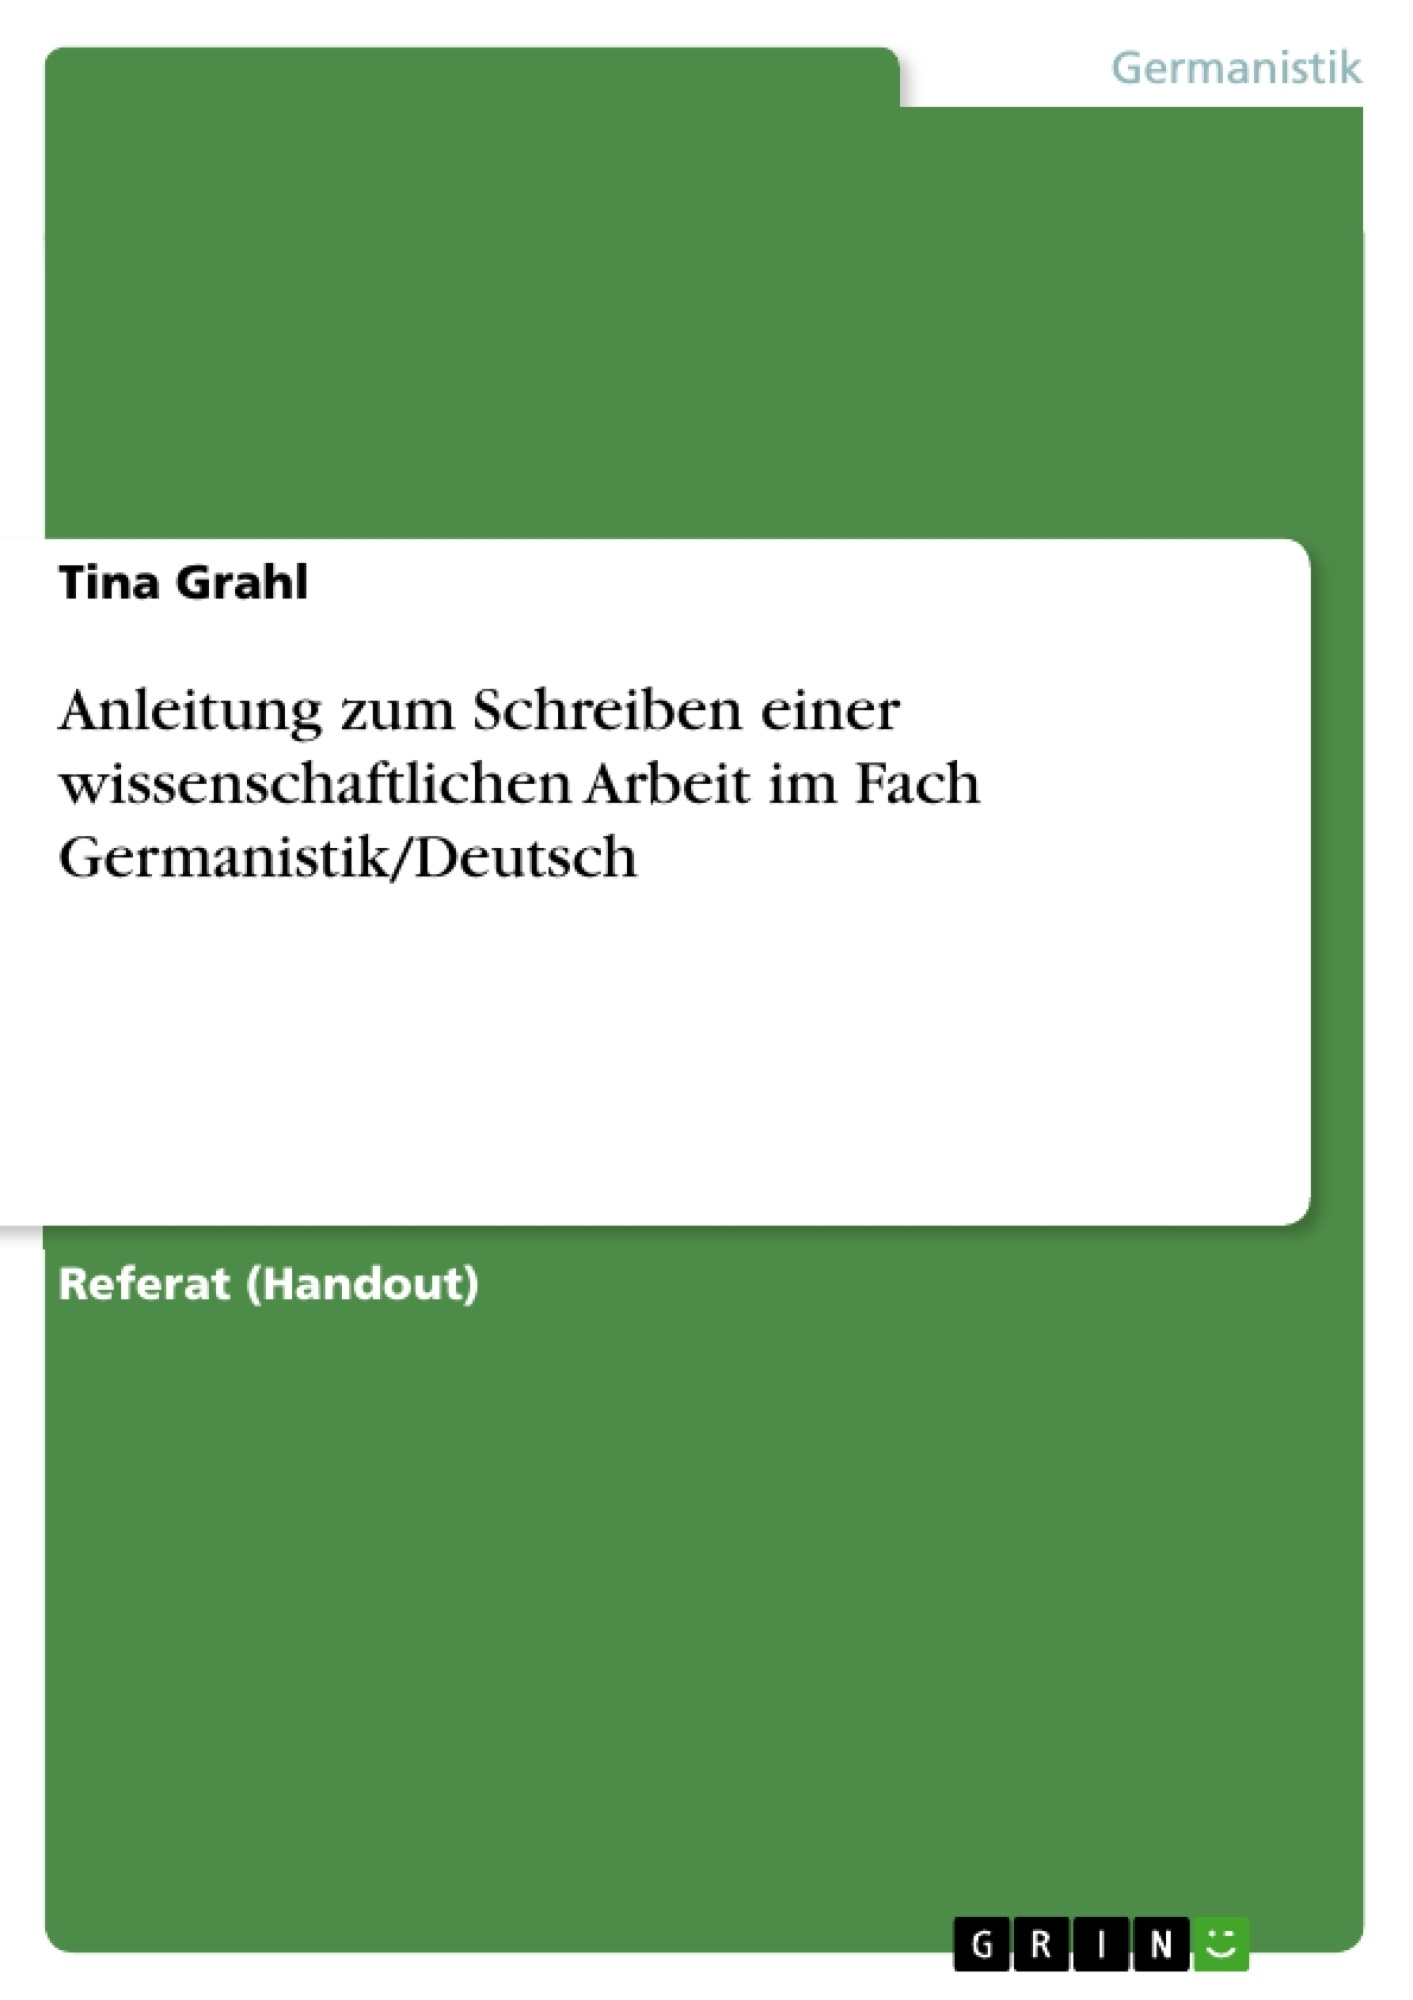 Titel: Anleitung zum Schreiben einer wissenschaftlichen Arbeit im Fach Germanistik/Deutsch